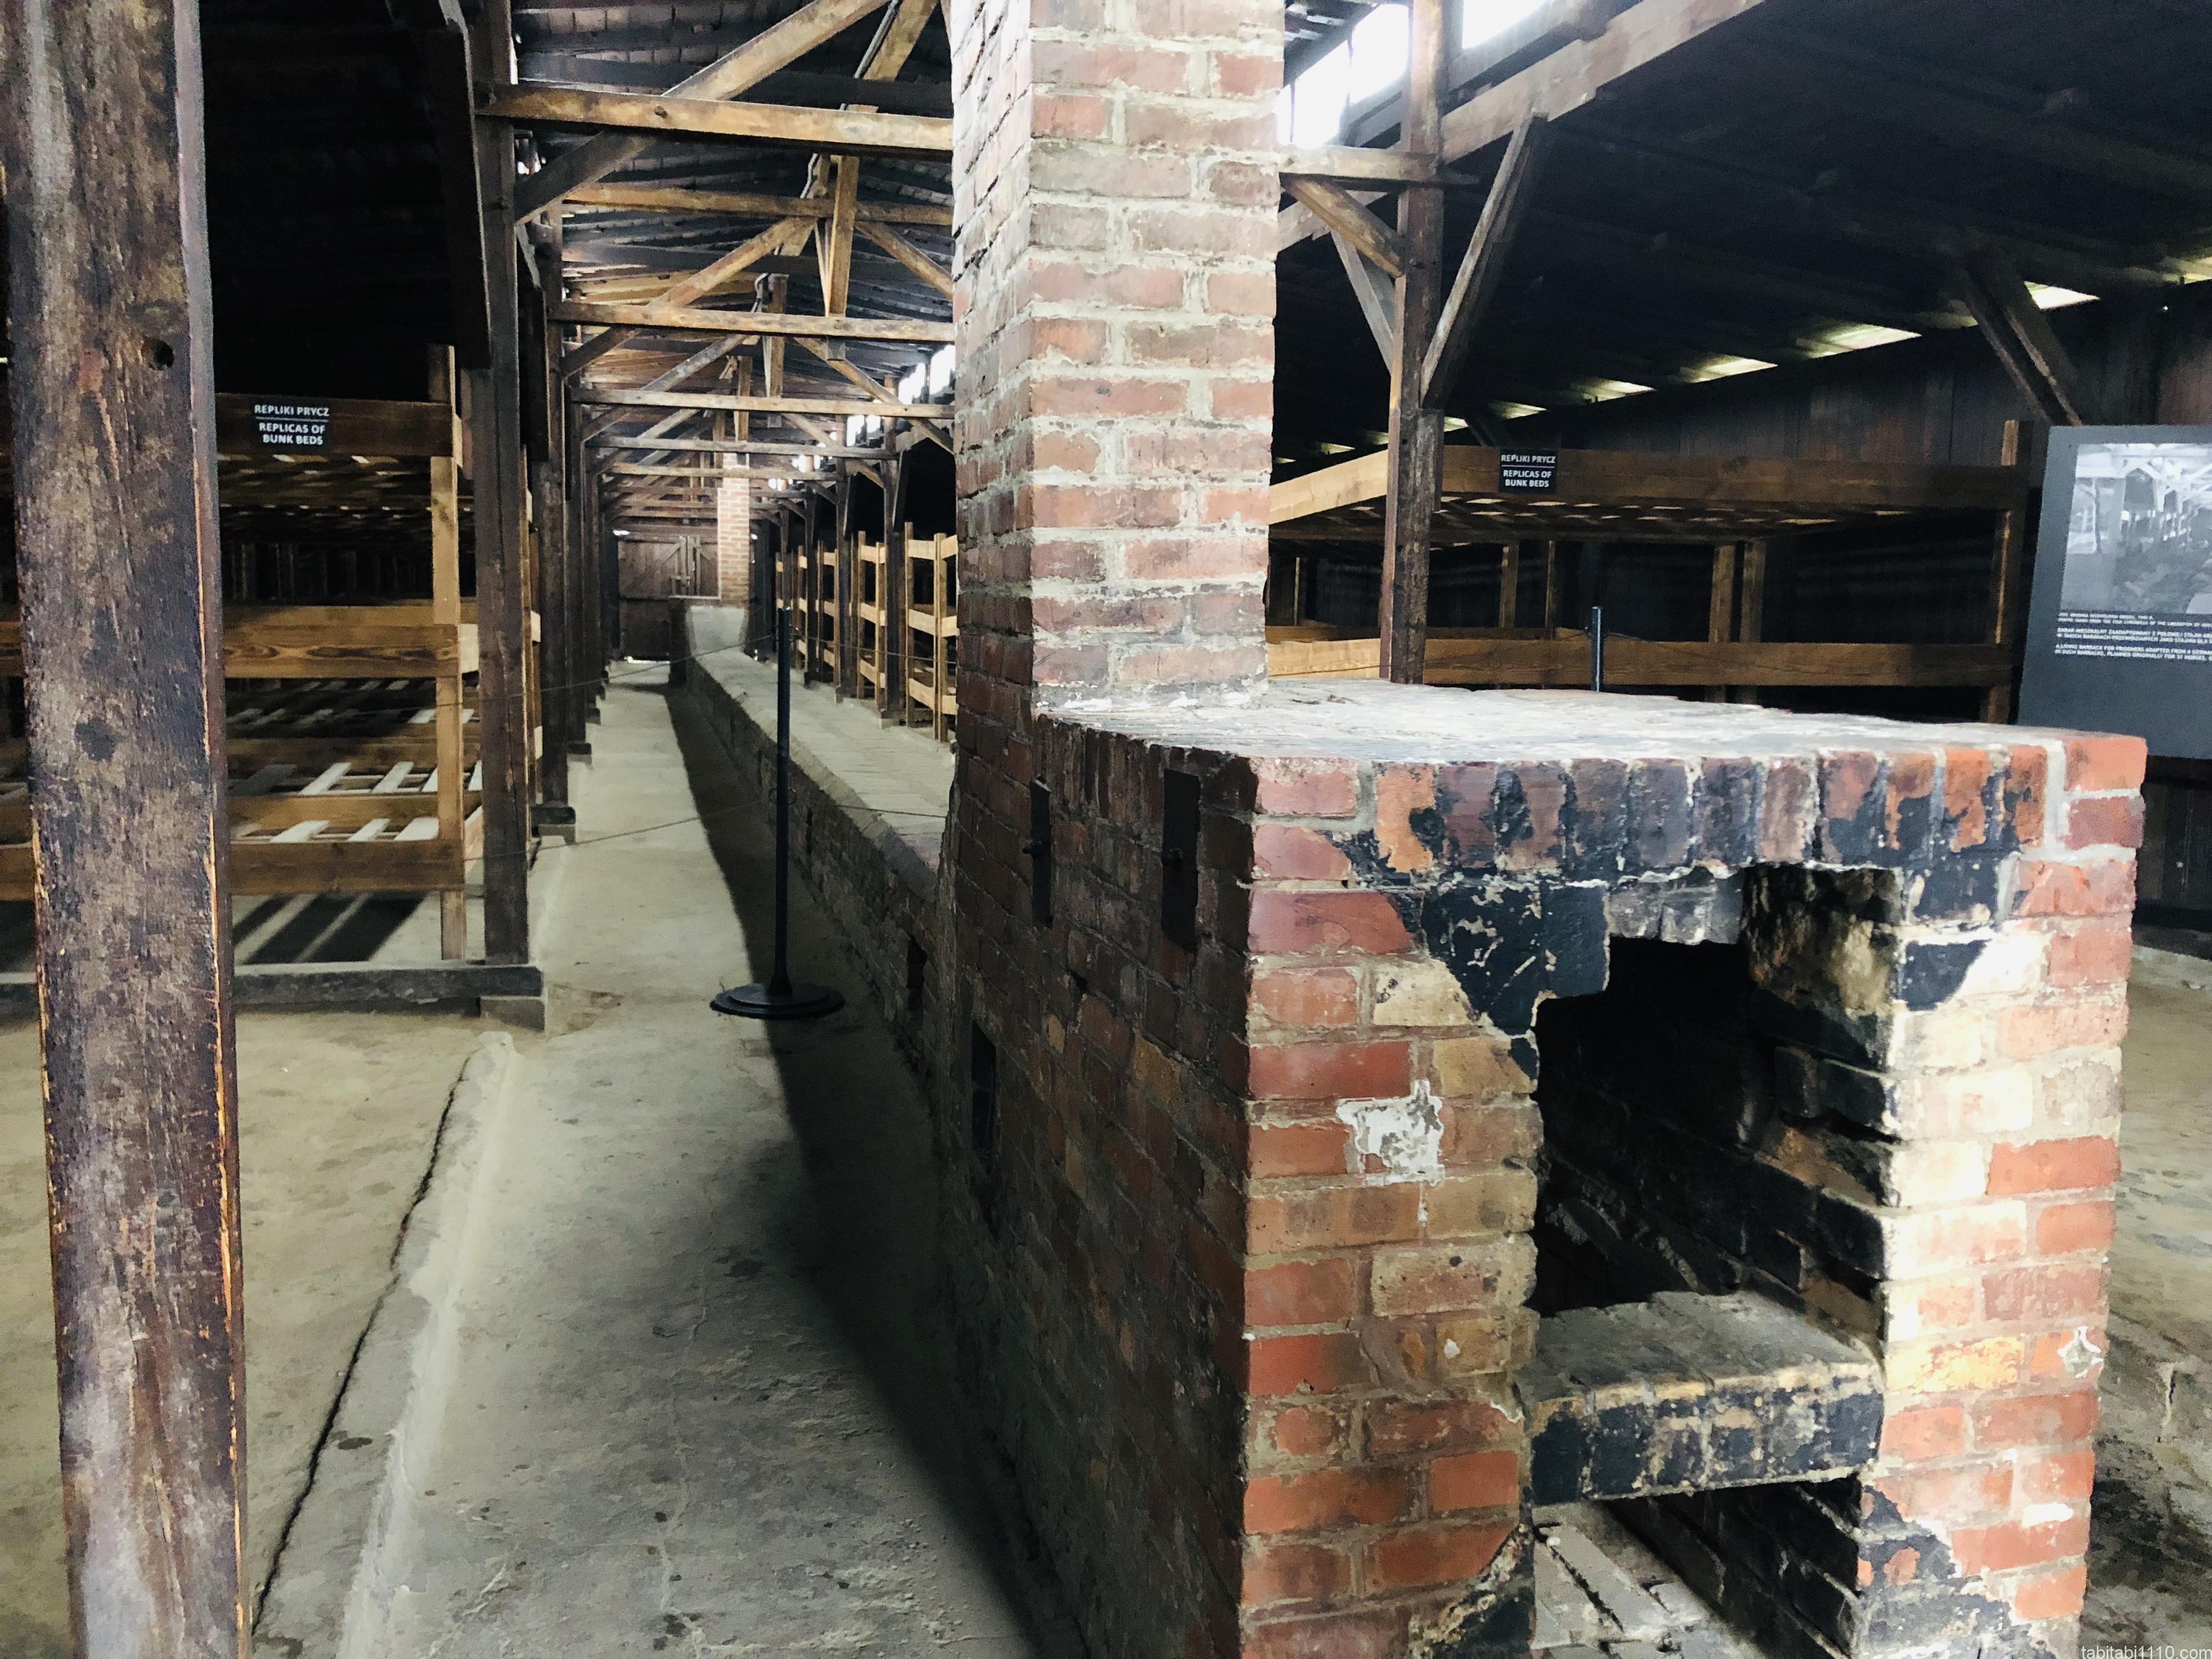 ビルケナウ強制収容所|収容所施設内暖房